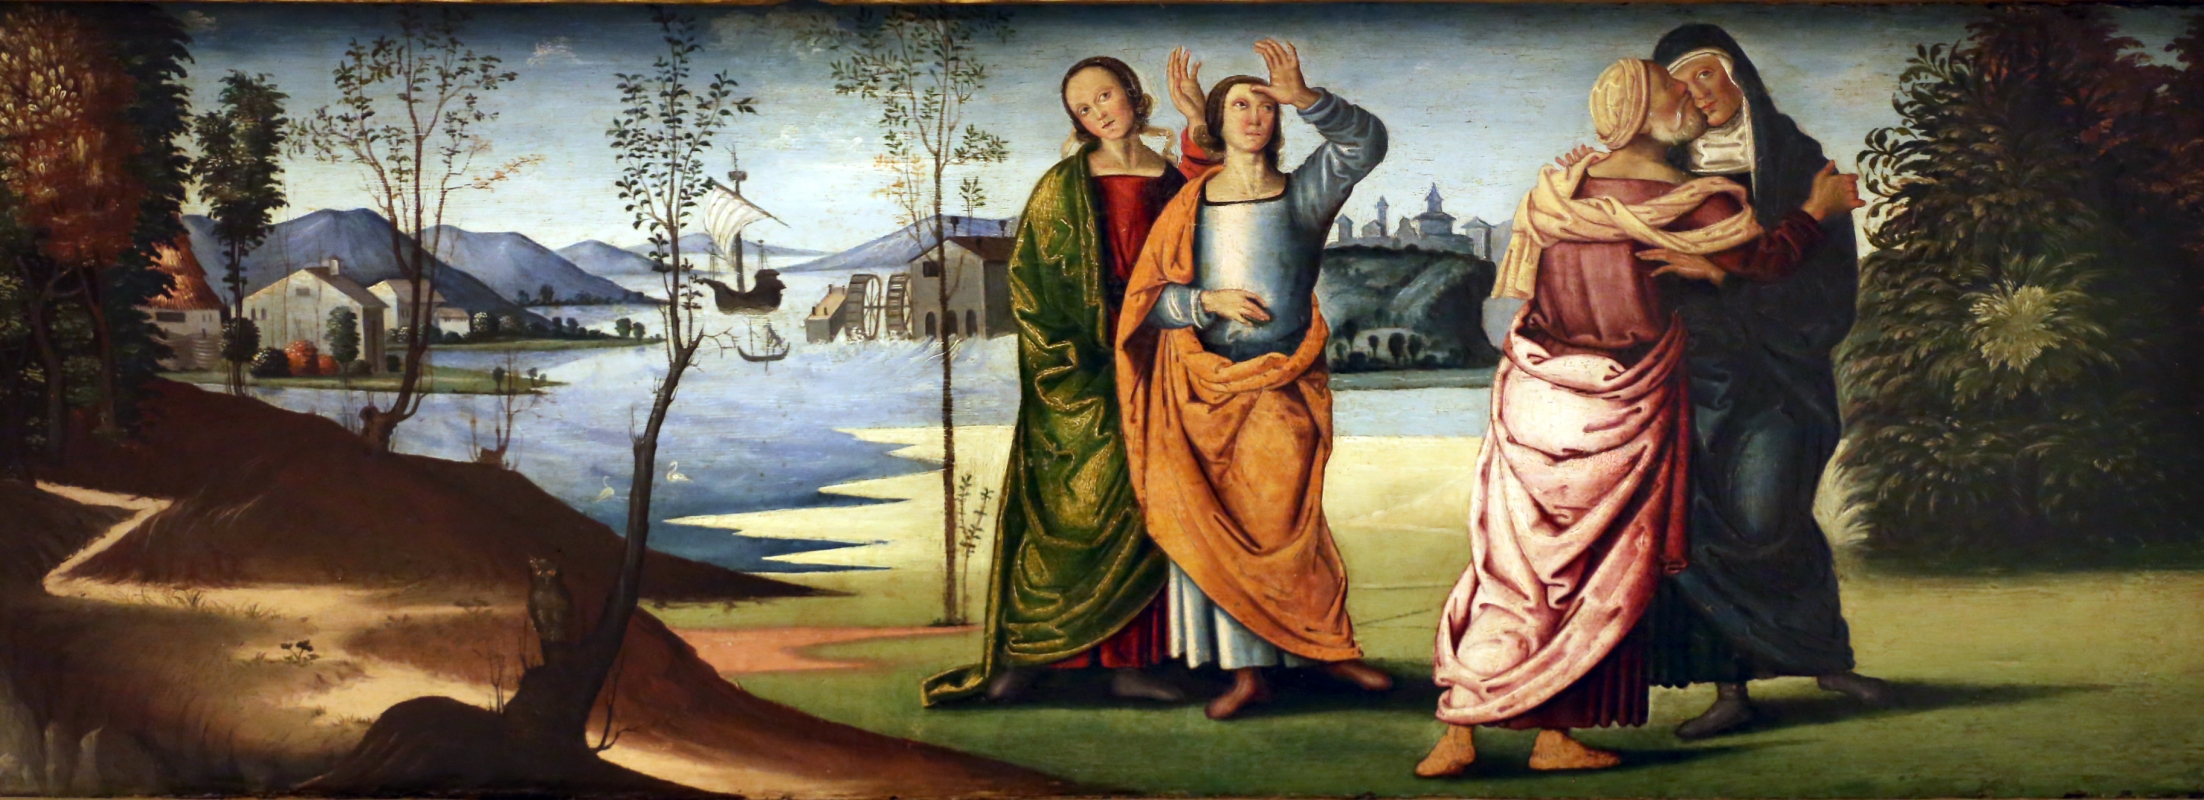 Marco meloni (attr.), storie di abramo, 1504, 04 - Sailko - Modena (MO)